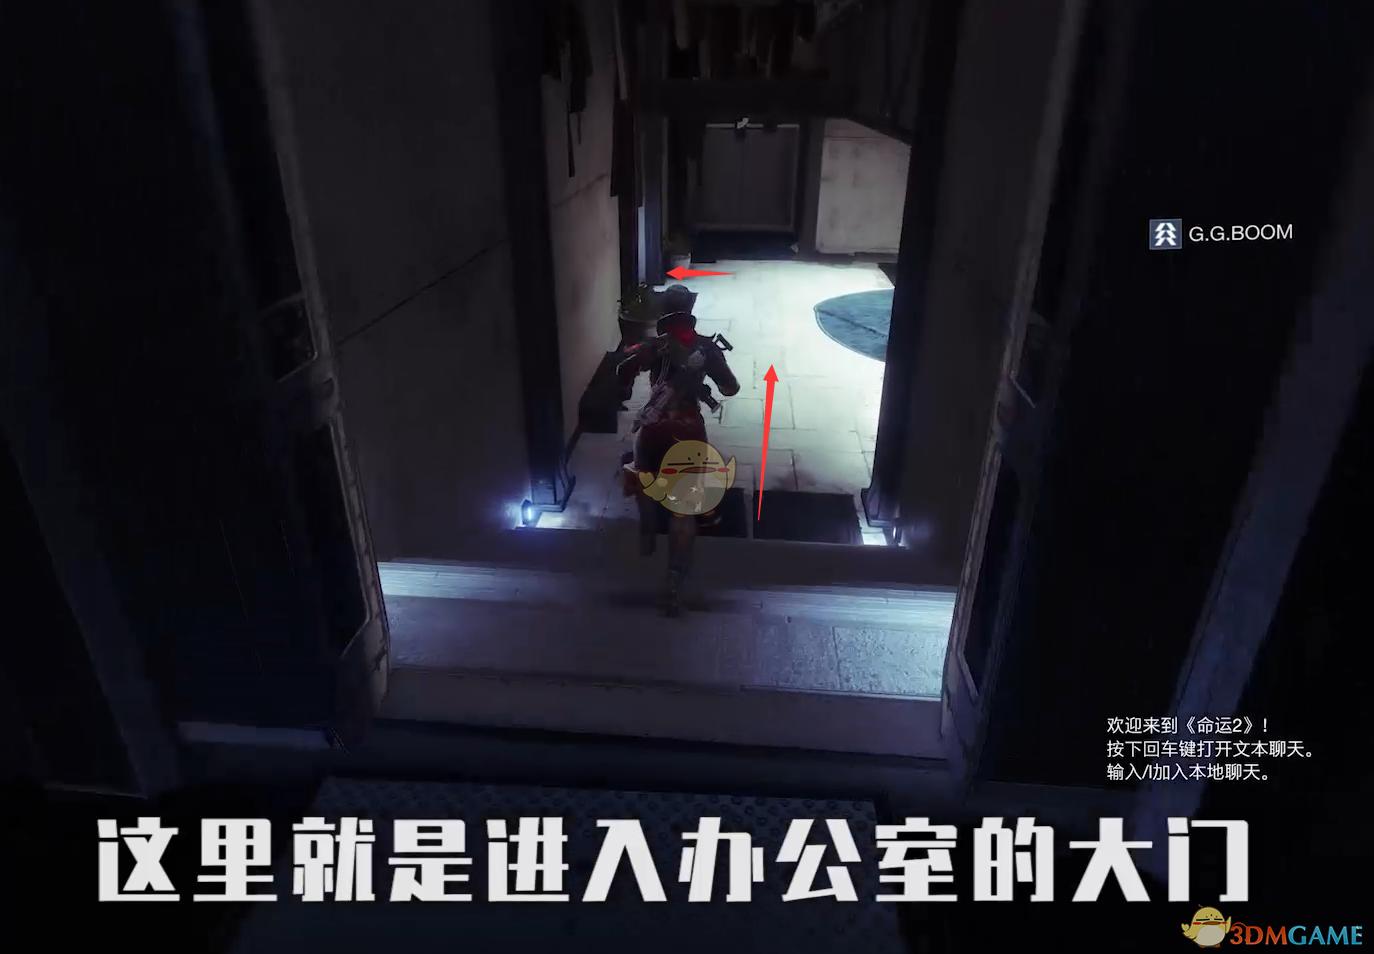 《命运2》身骑白马进入保险库方法介绍